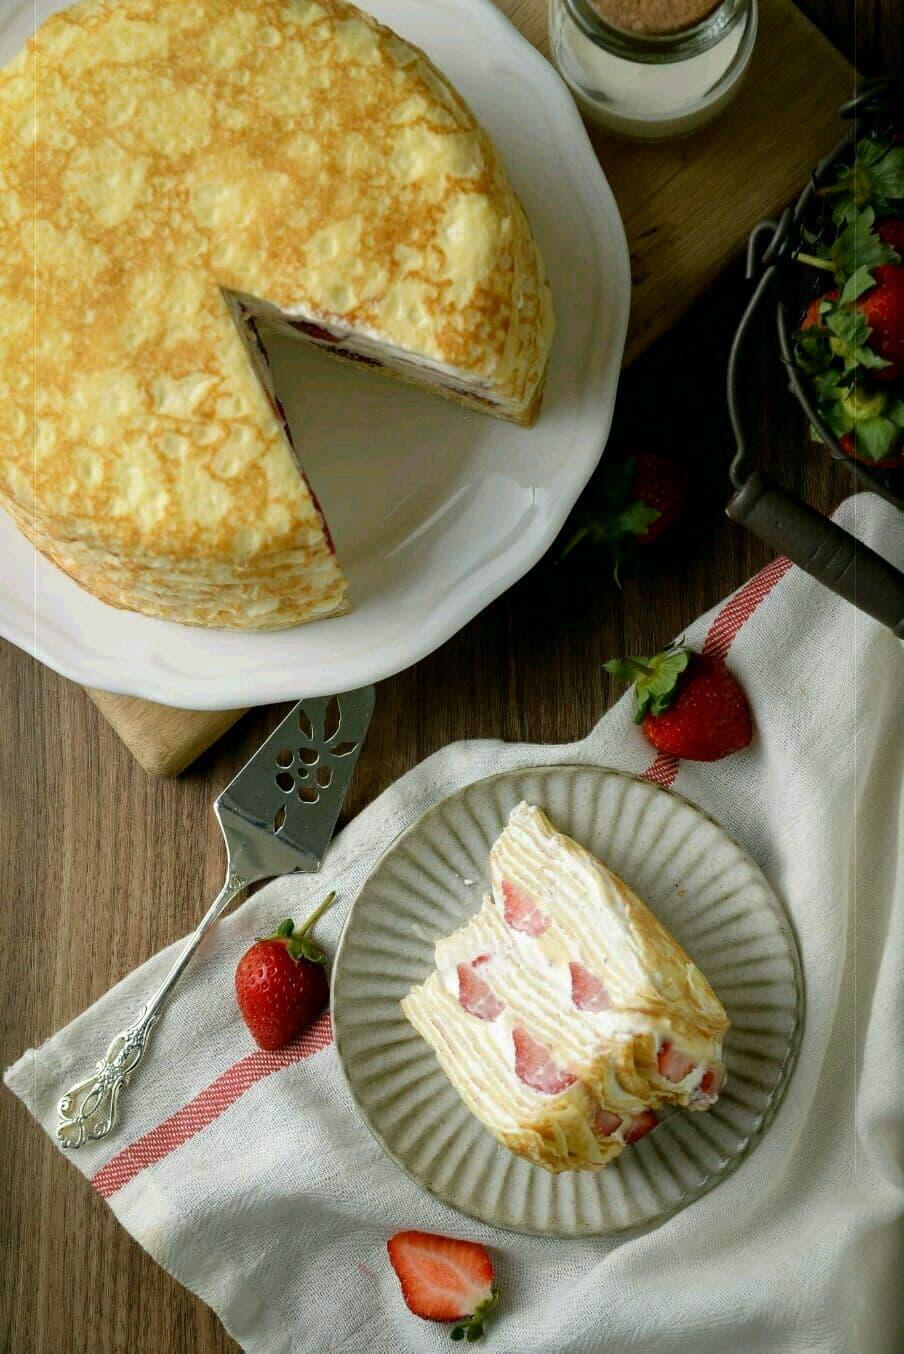 【 草莓千層蛋糕】 ⛄冬季限定❄️ 法式千層首選  6吋 2